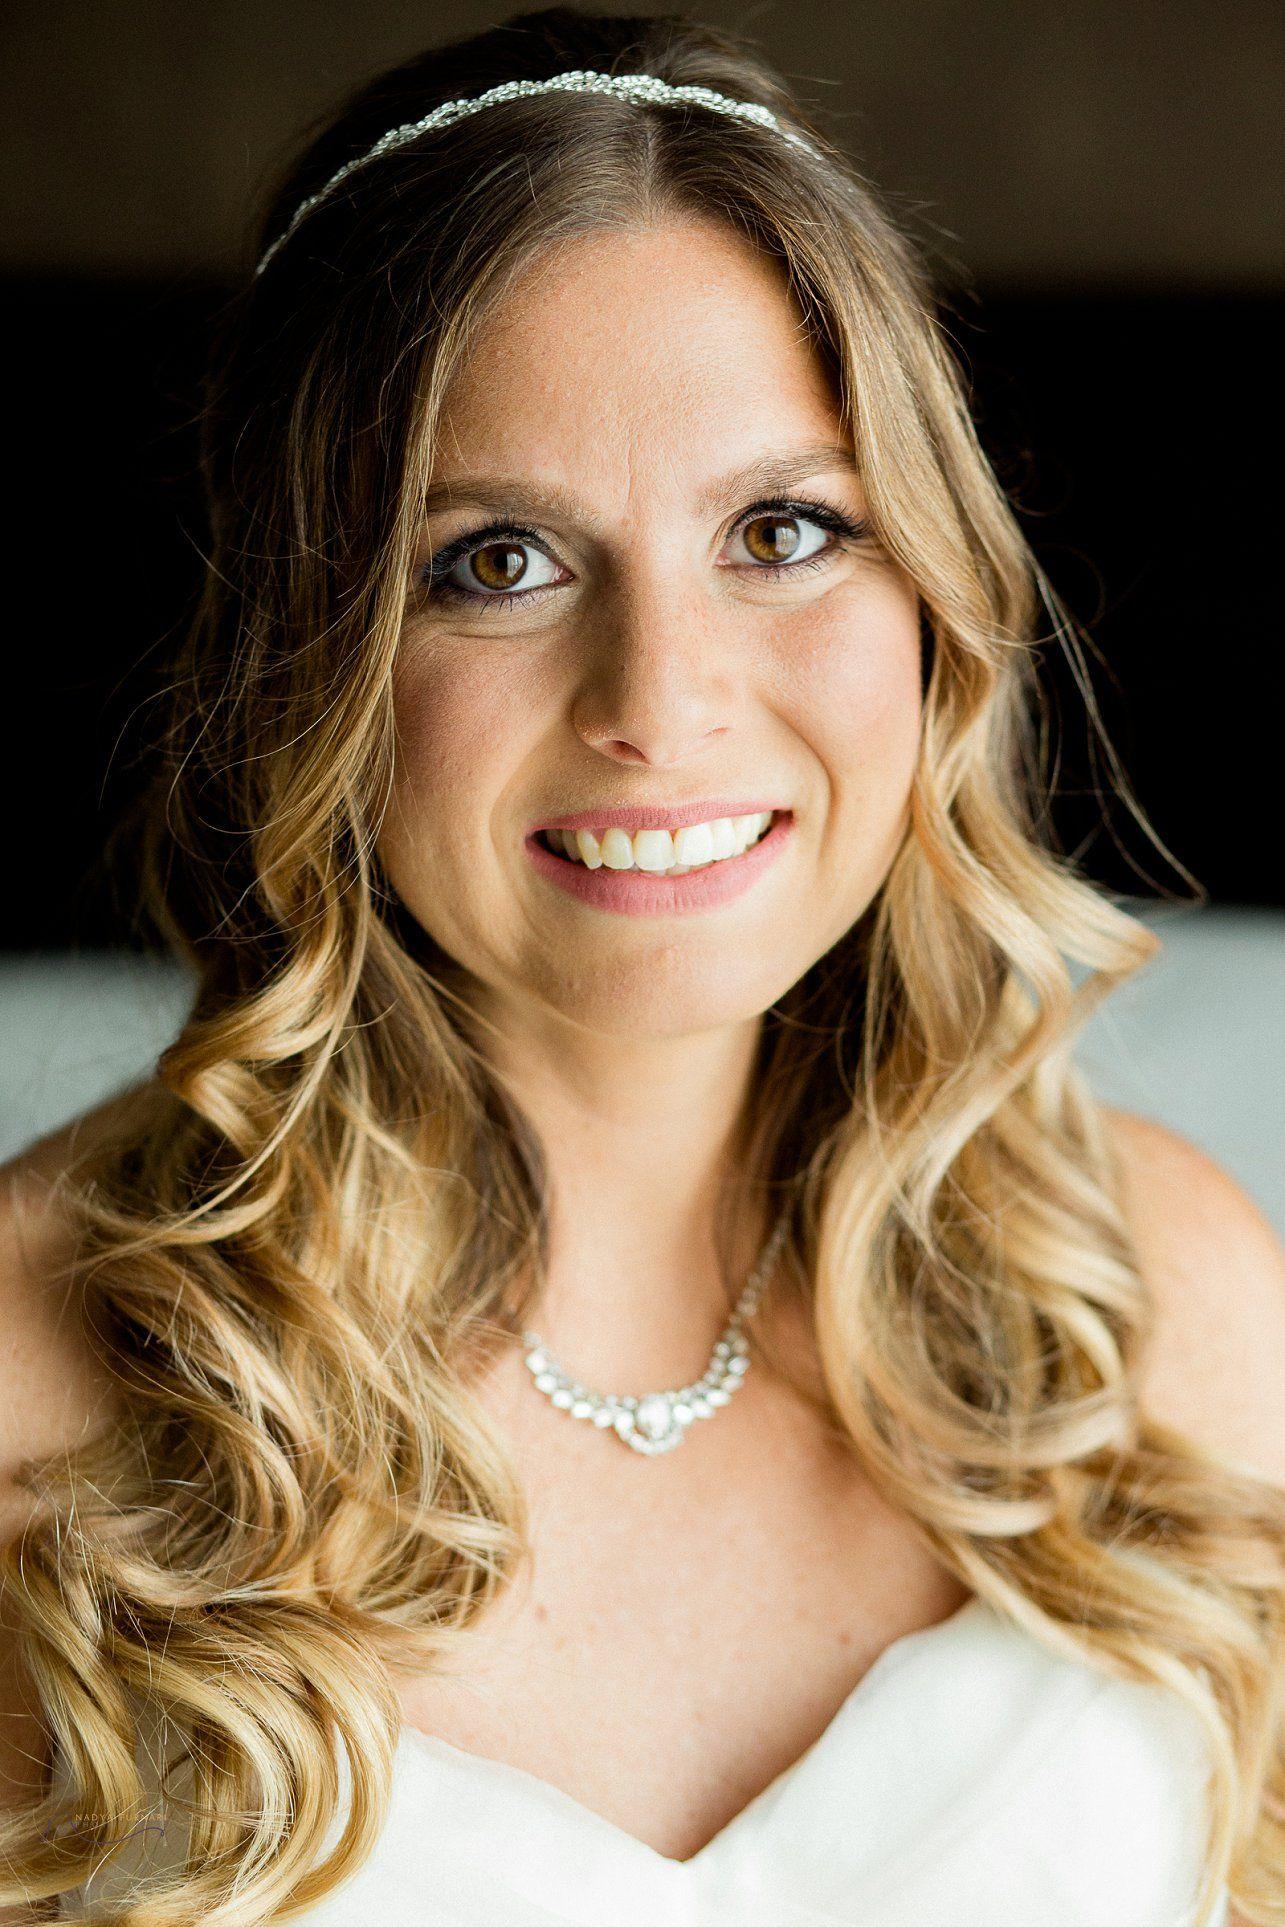 natural wavy bridal hair, natural bridal makeup, makeup ideas for